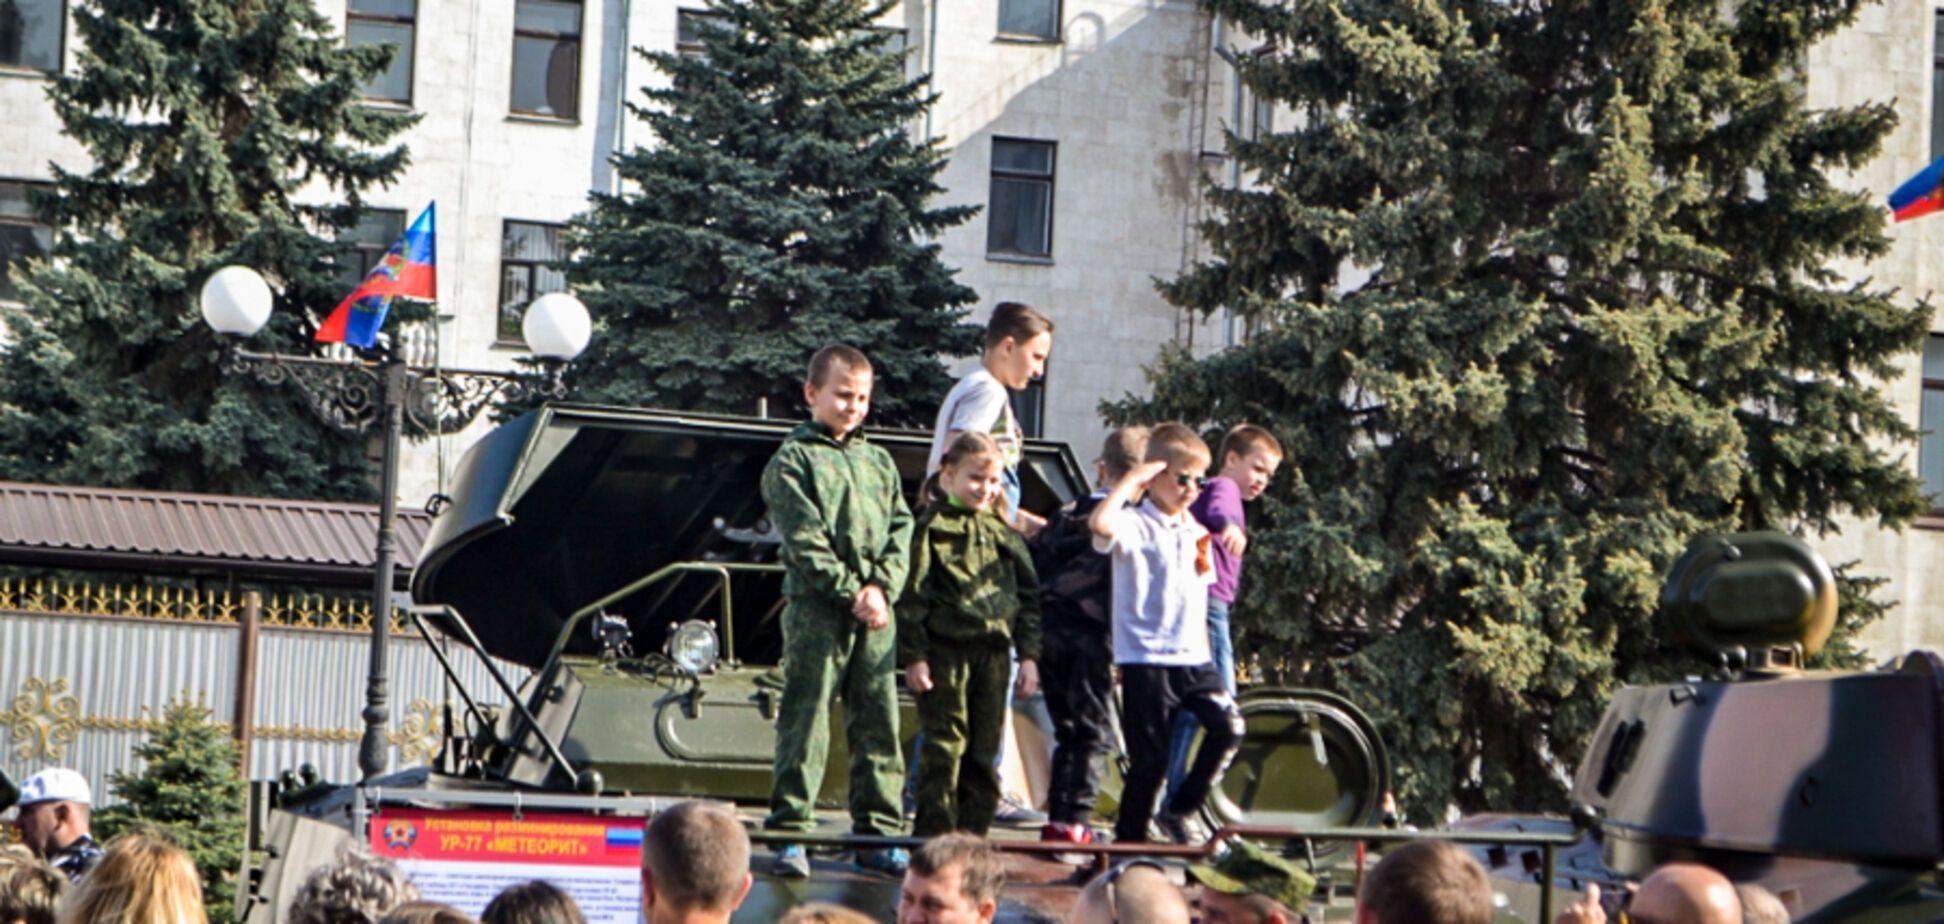 9 травня в Луганську: терористи вигнали на парад дітей